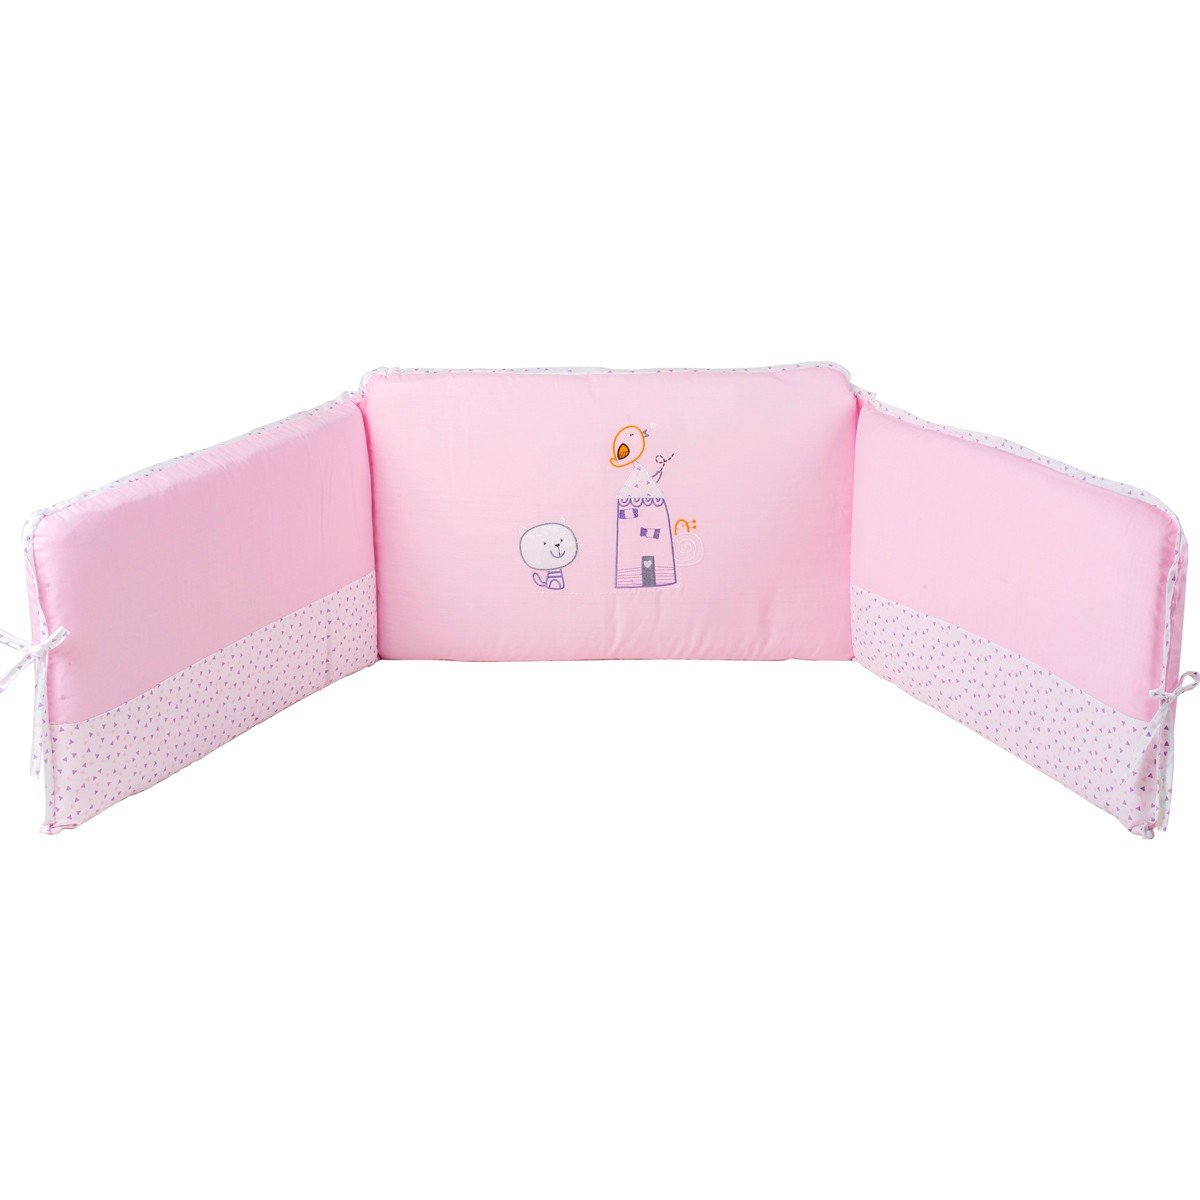 Πάντα Κούνιας Κόσμος Του Μωρού Home 7930 Ροζ